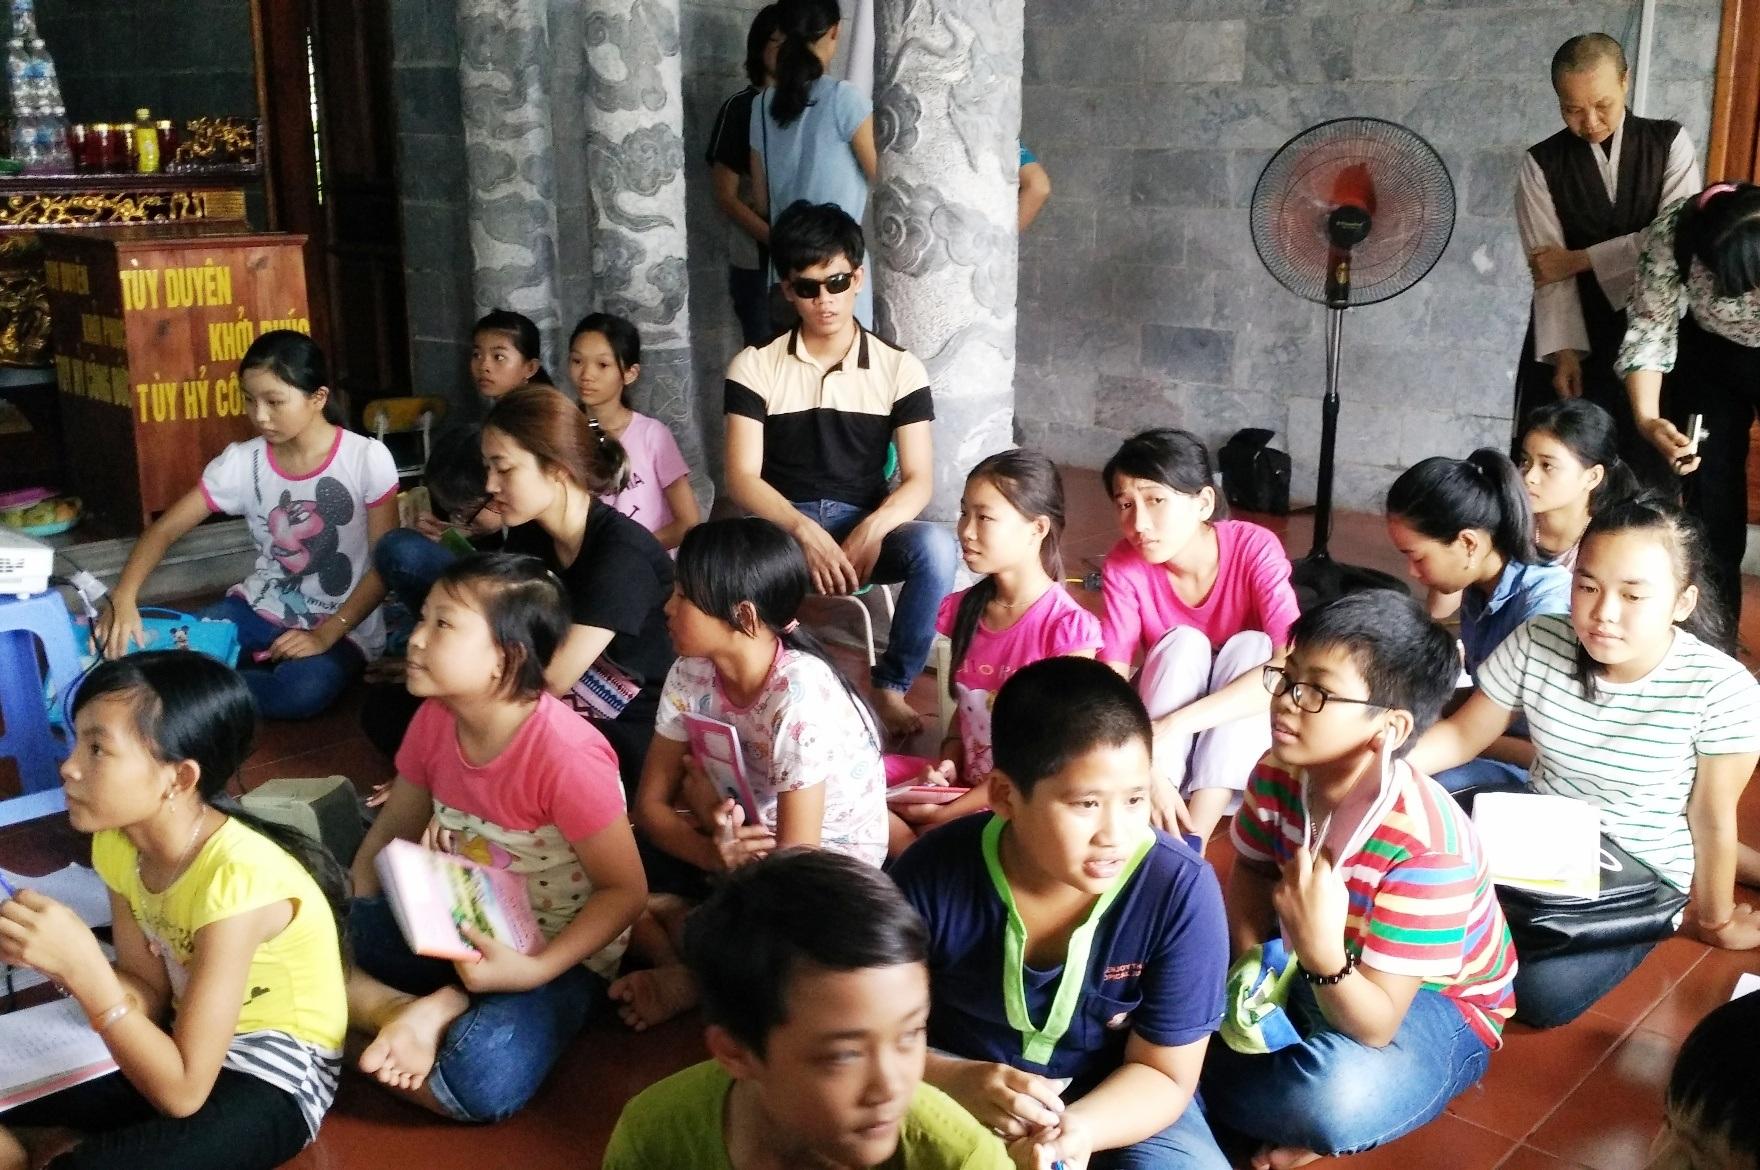 Các em nhỏ thích thú khi được trò chuyện, vui đùa cùng các anh chị sinh viên nước ngoài.